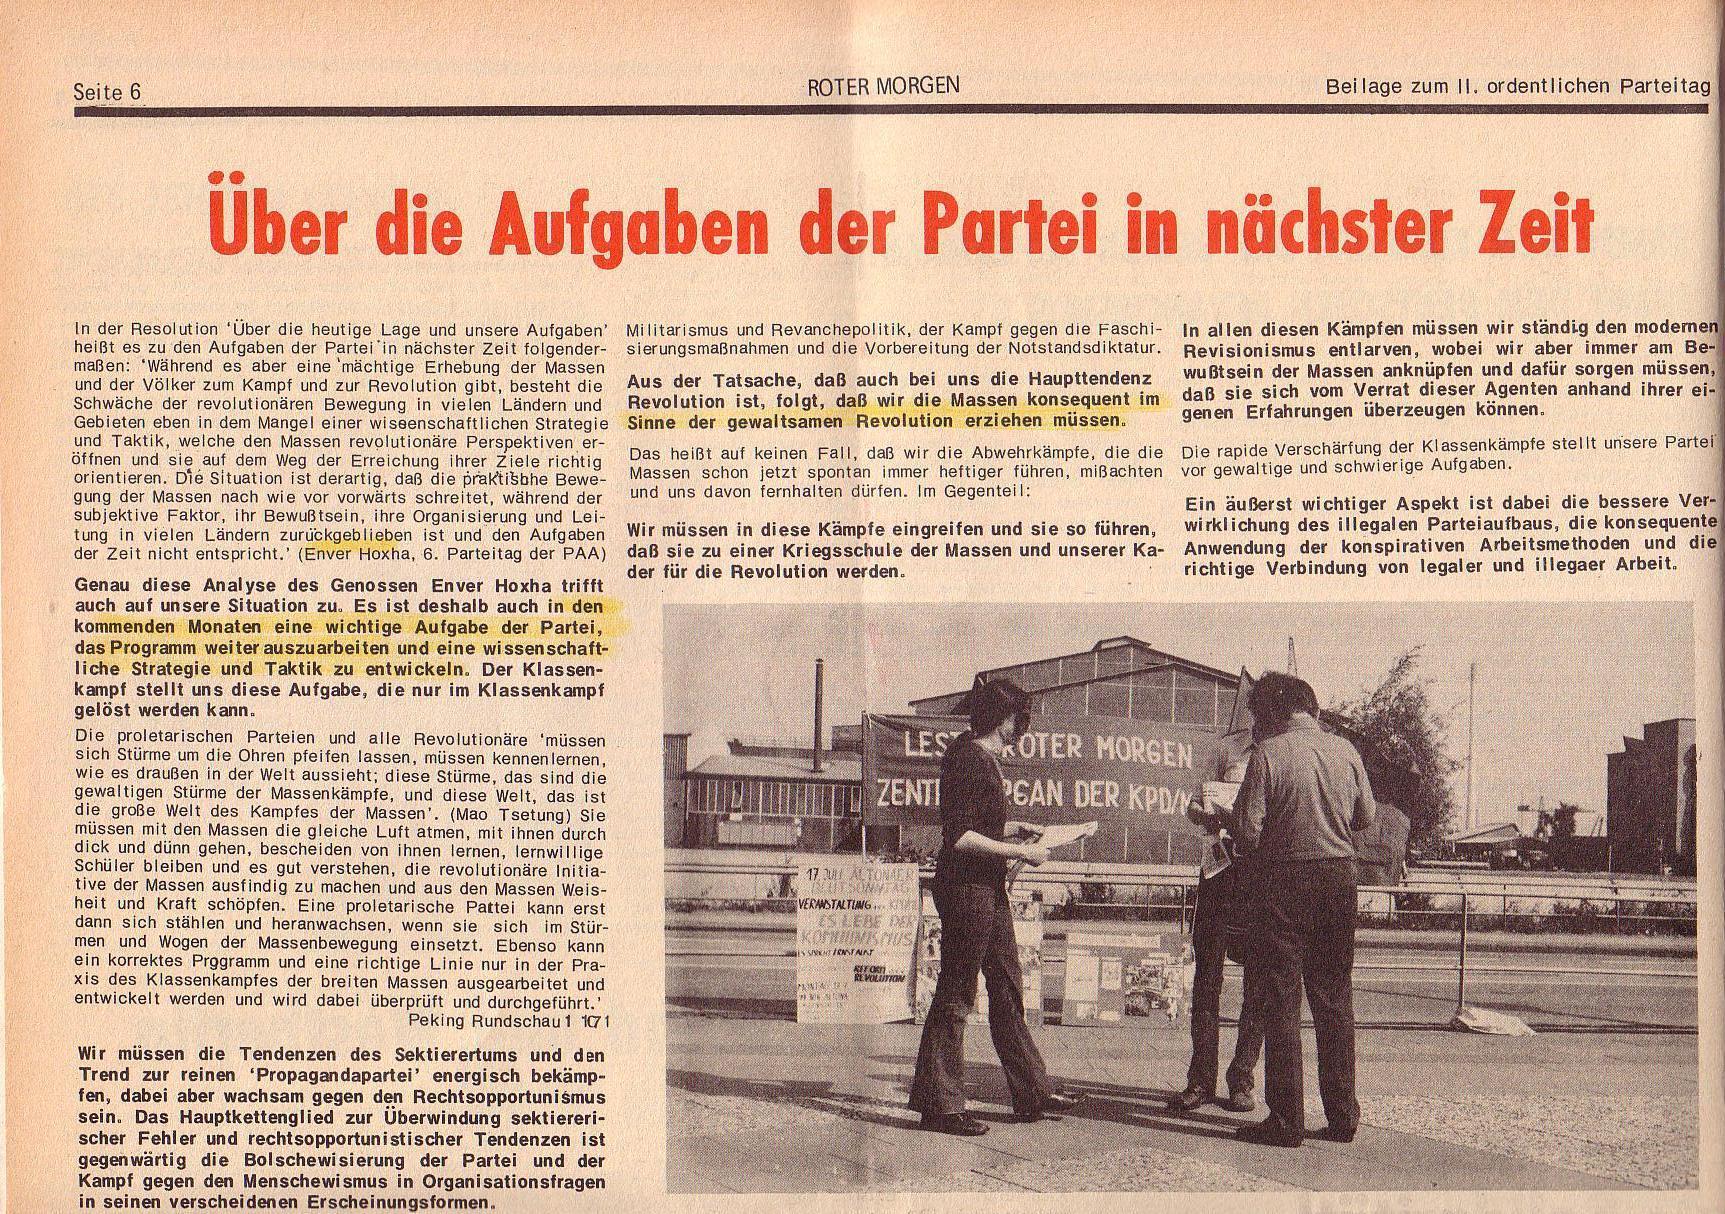 Roter Morgen, 6. Jg., Juli 1972, Sonderbeilage zum II. ordentlichen Parteitag, Seite 6a